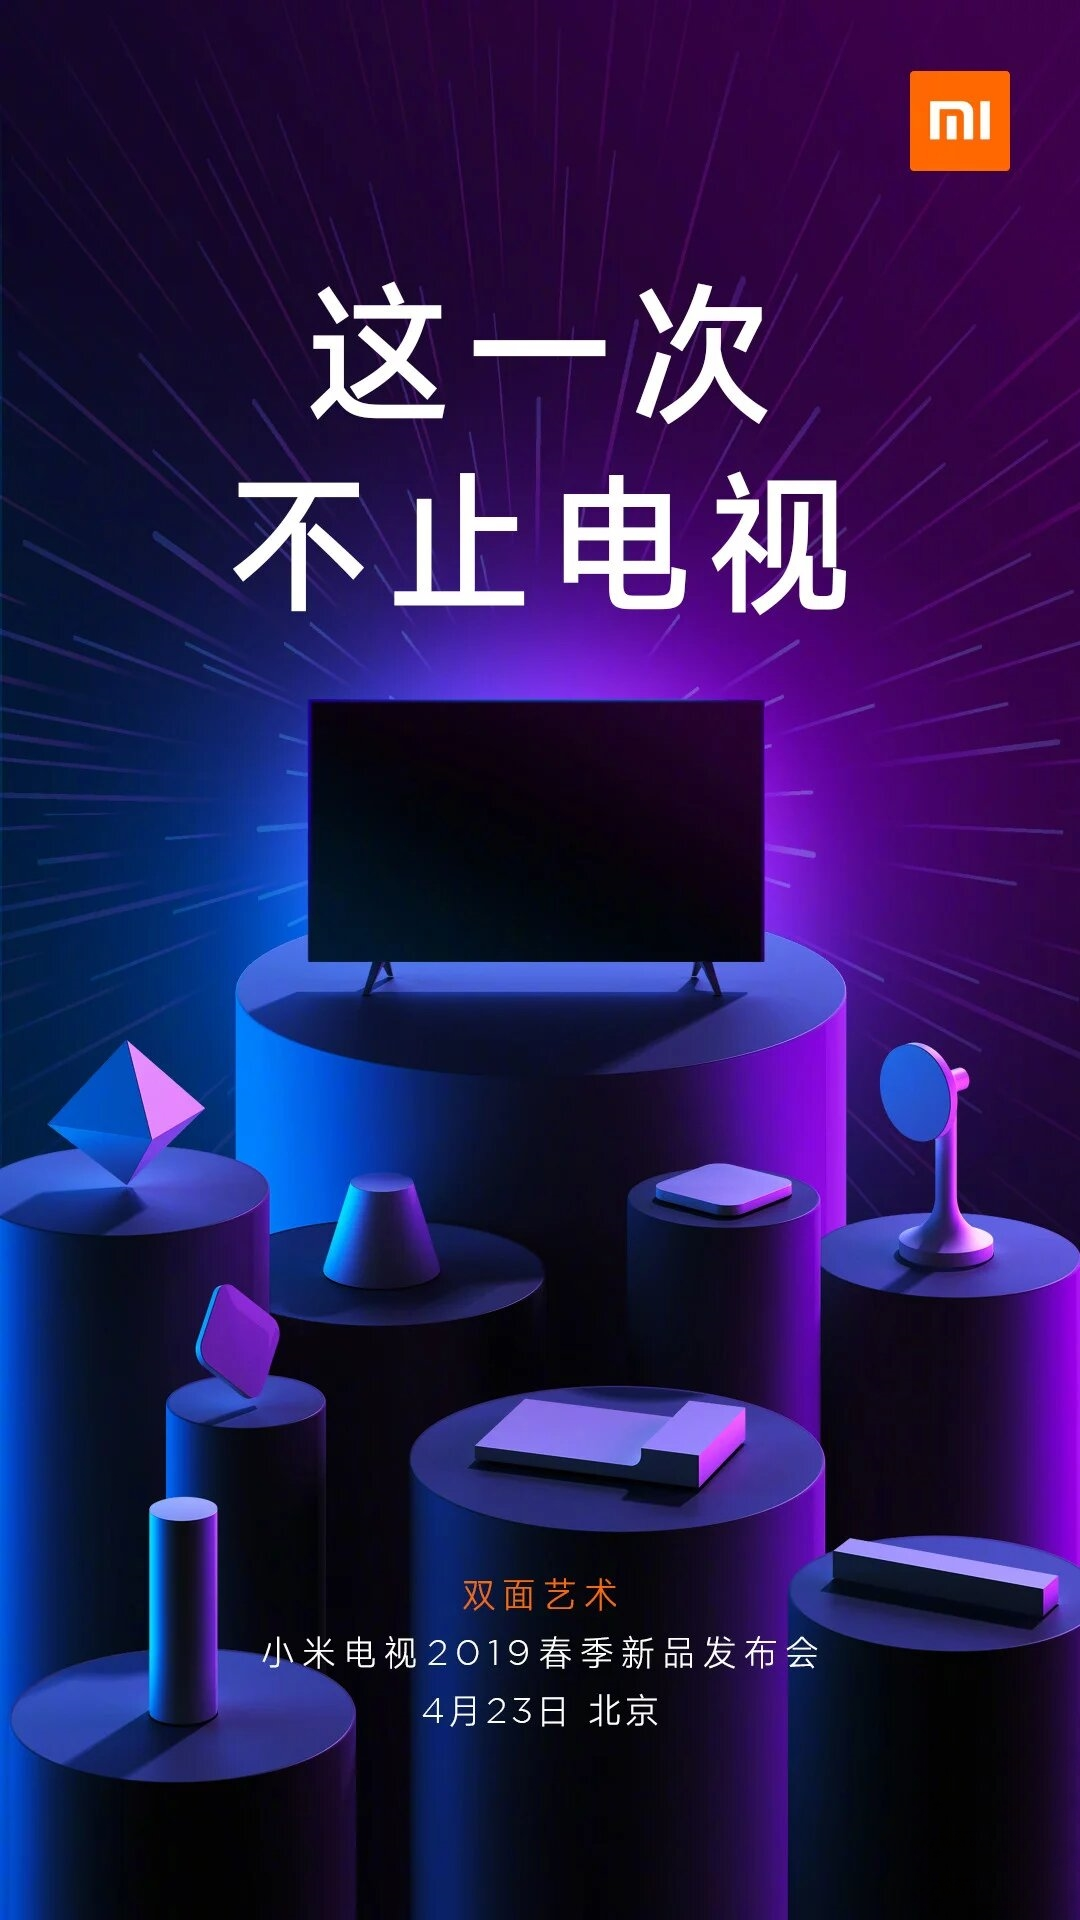 Xiaomi nos va a presentar una nueva Mi TV, y algunos productos secretos